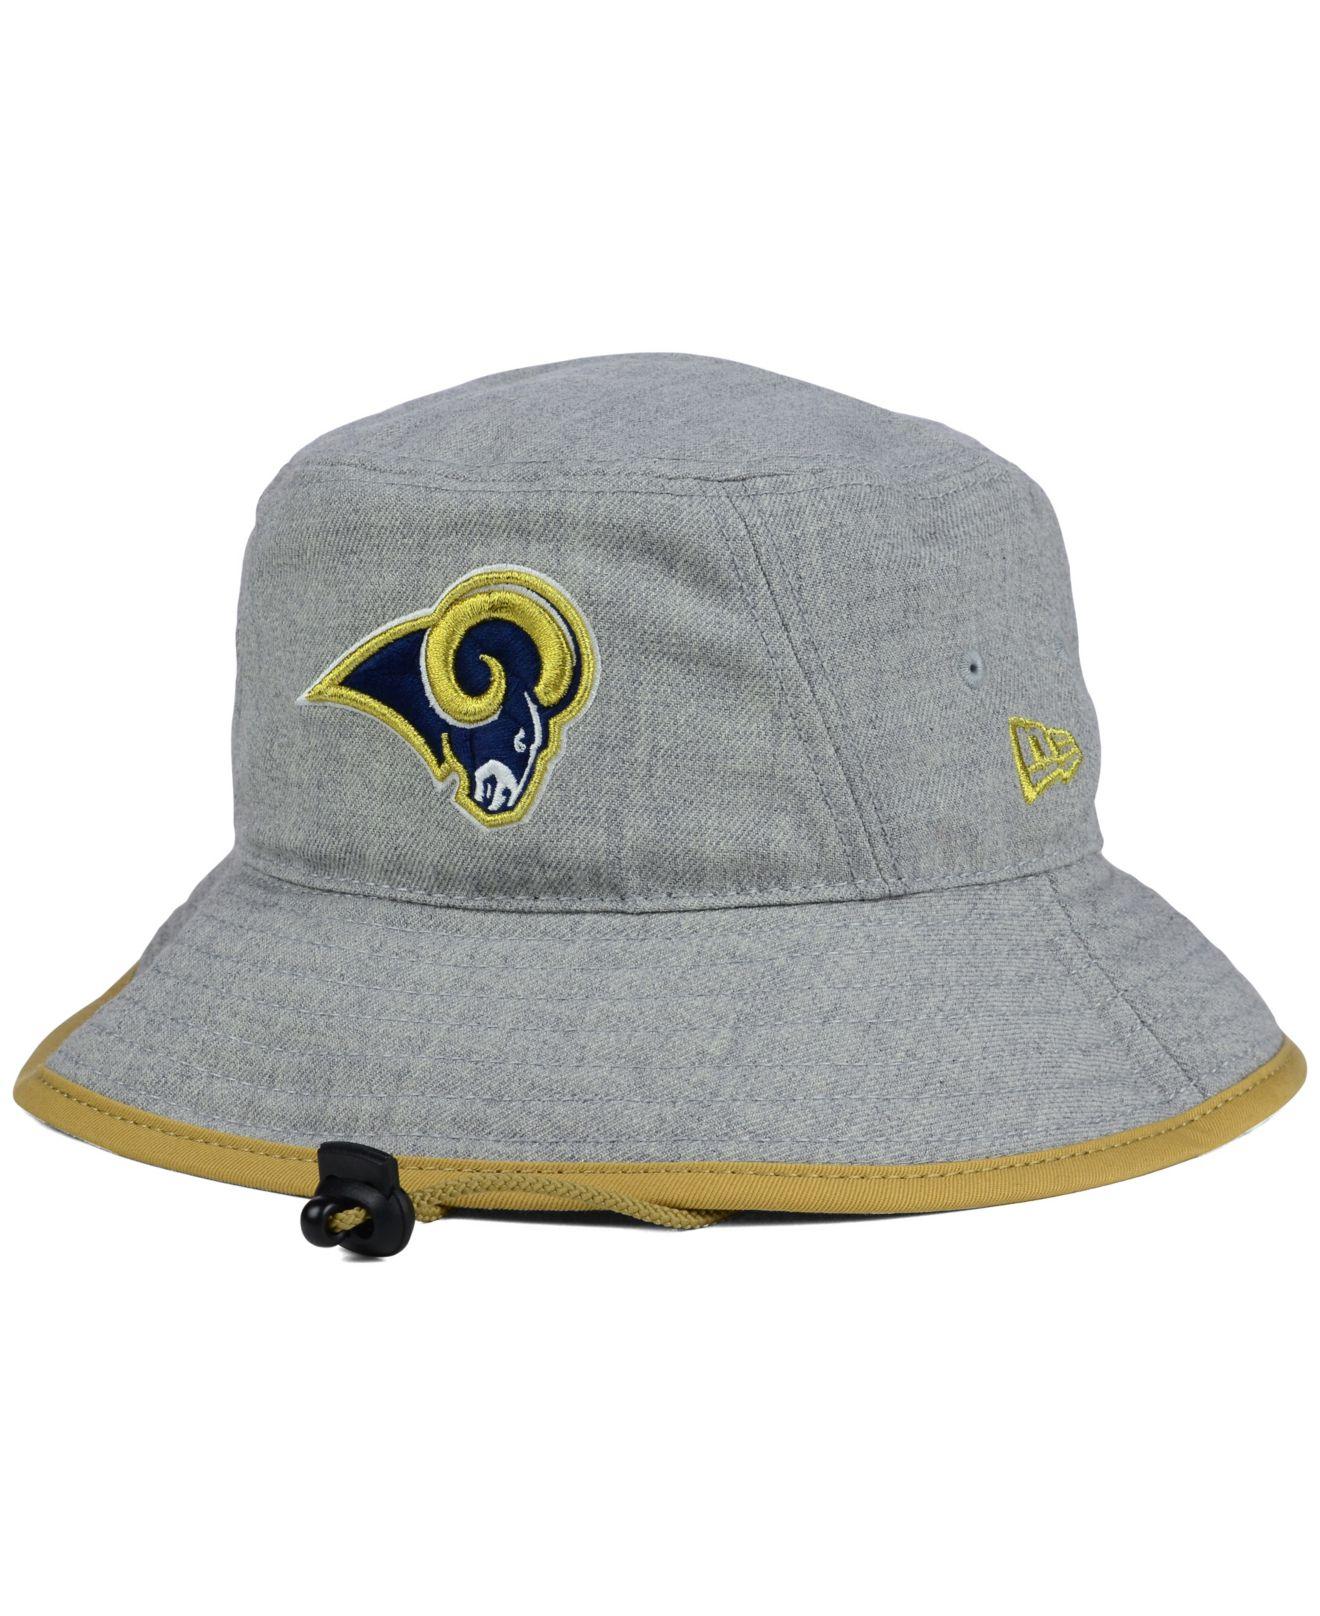 Lyst - Ktz St. Louis Rams Nfl Heather Gray Bucket Hat in Gray